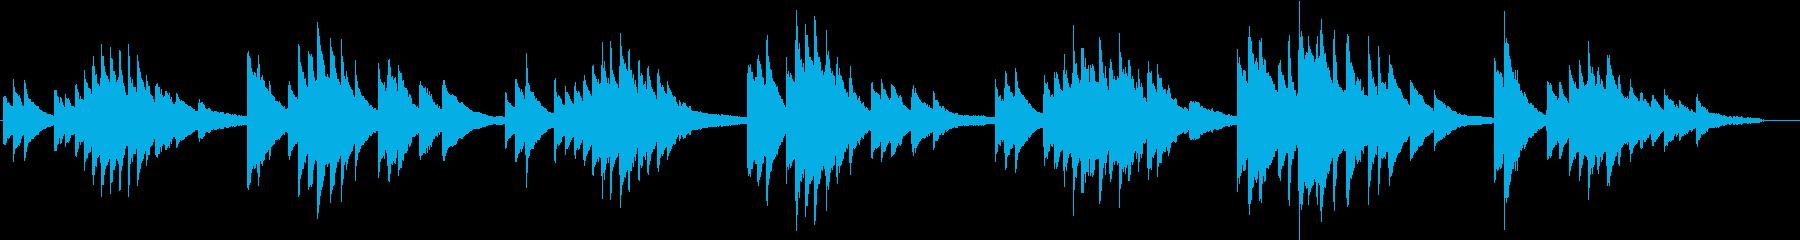 赤とんぼ(ピアノカバー)の再生済みの波形